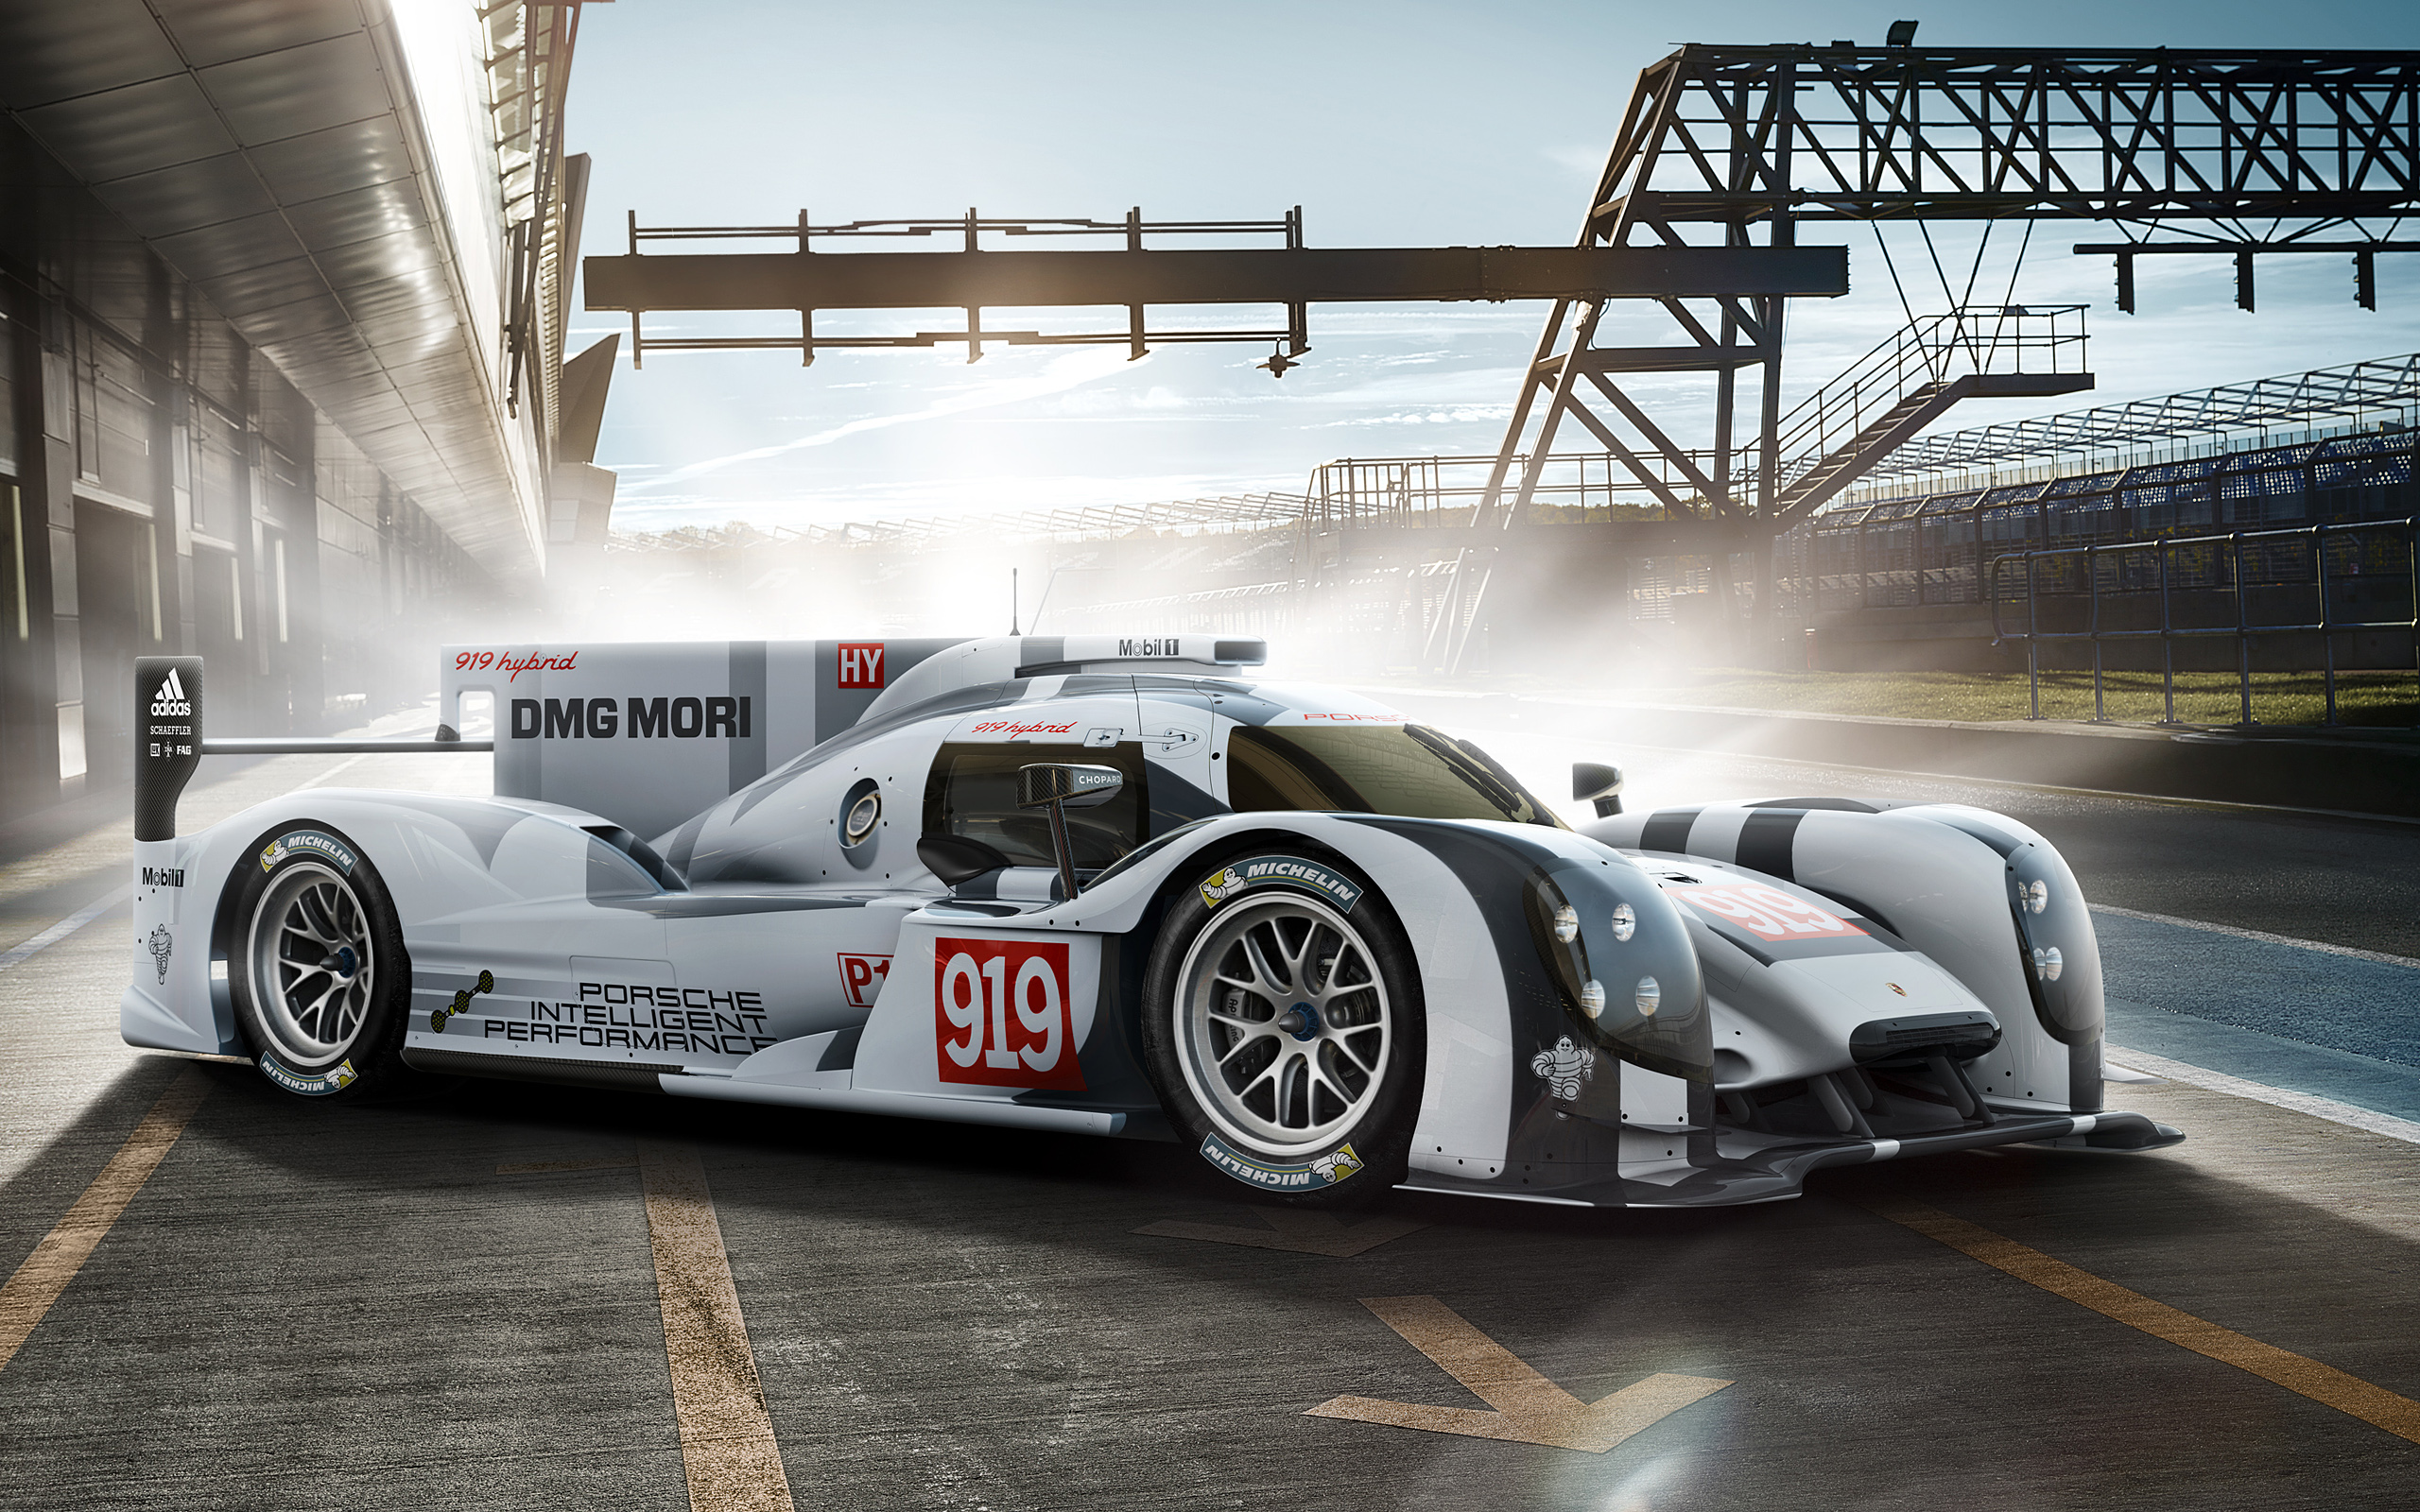 Porsche 919 Hybrid HD Wallpaper Background Image 2560x1600 2560x1600